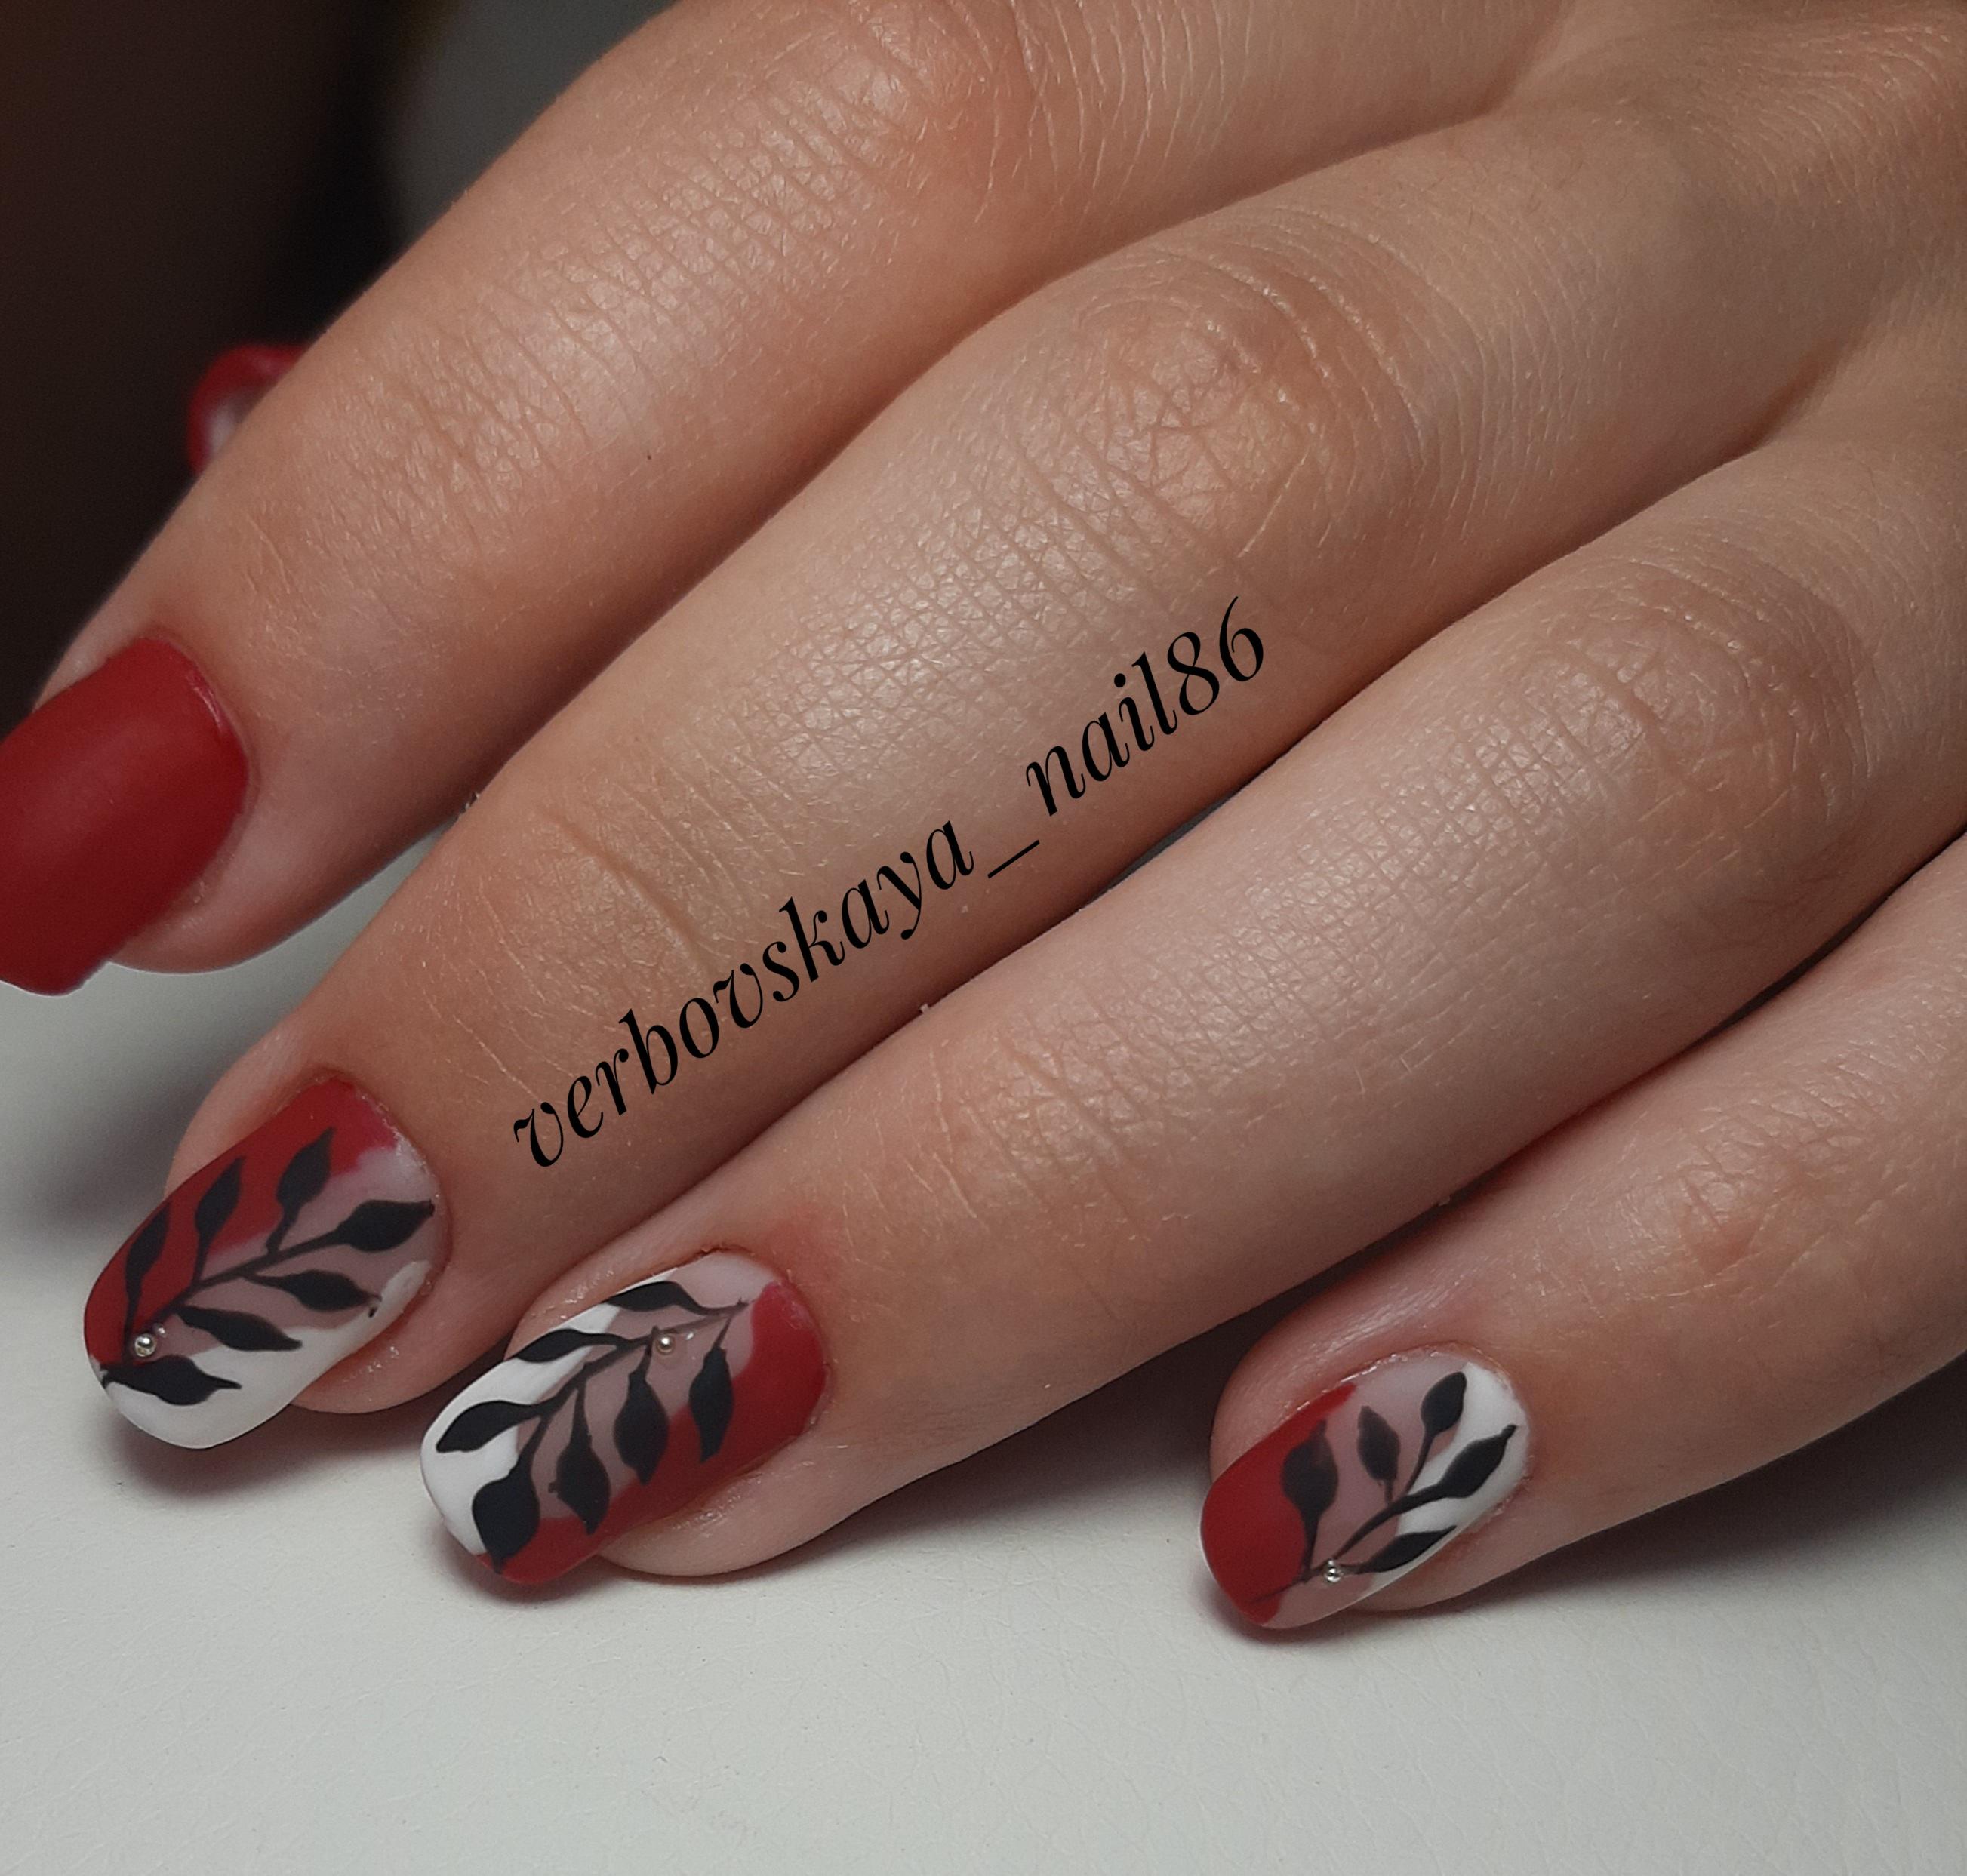 Матовый маникюр с растительным рисунком в бордовом цвете на короткие ногти.